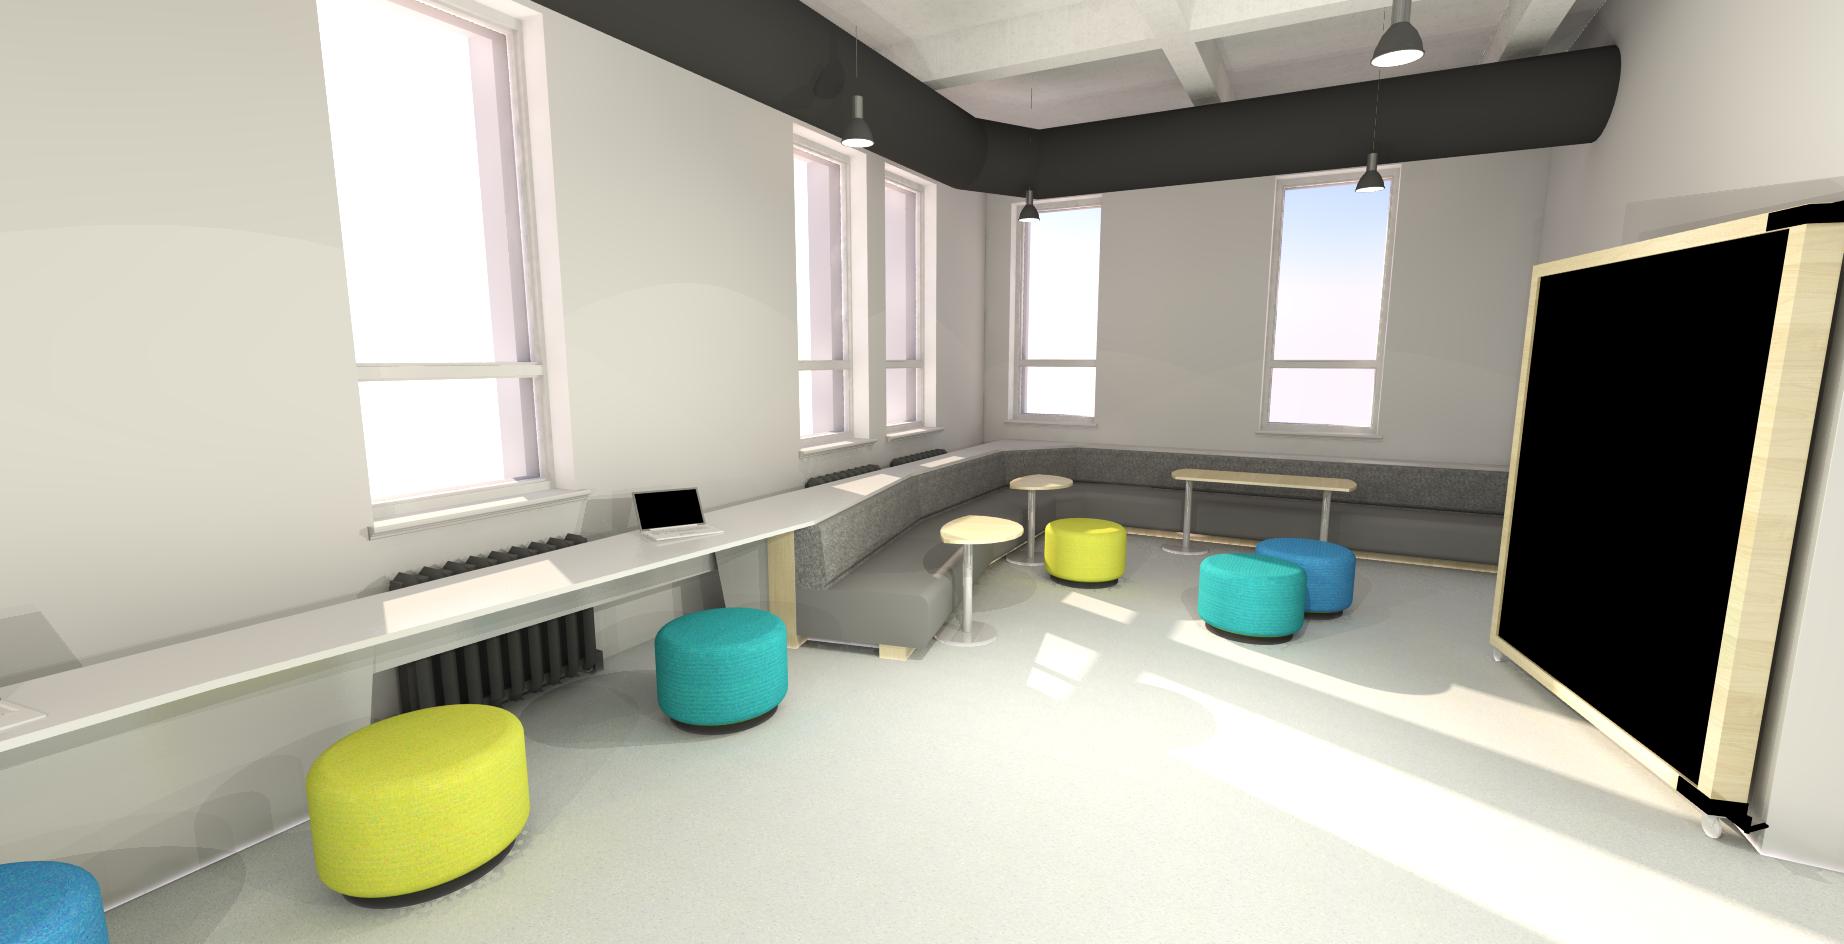 Le département du programme Techniques de l'informatique, présent au Cégep de Chicoutimi, renaîtra à travers un nouvel environnement dès cet automne.